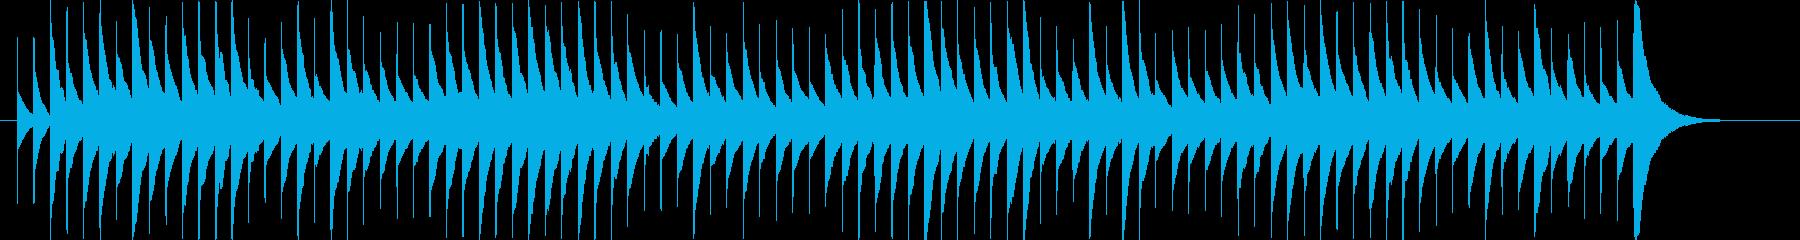 魔女の家の洋風ホラー系オルゴールの再生済みの波形